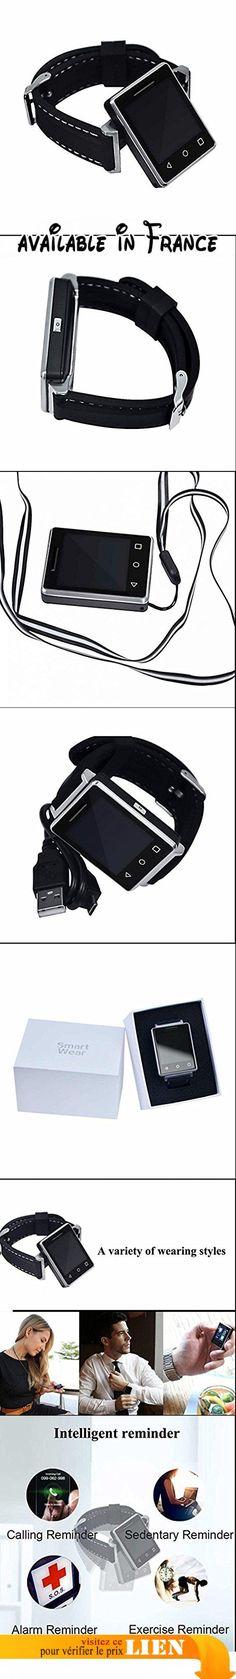 Smartwatch avec Bluetooth, Moniteur Cardiaque, Analyse de Sommeil, Podomètre et Alarme de Sédentaire Compatible avec Smartphone iPhone Android. Utiliser comme un téléphone autonome - Si la carte SIM placée dans l'horloge, réseau GSM 850/900/1800/1900 MHz. Vous pouvez envoyer des textes sur l'horloge et de lire, ou recevoir des appels. Si la carte SIM pas configuré, vous pouvez connecter montre avec téléphone par Bluetooth, vous pouvez téléphoner à l'appel, y compris